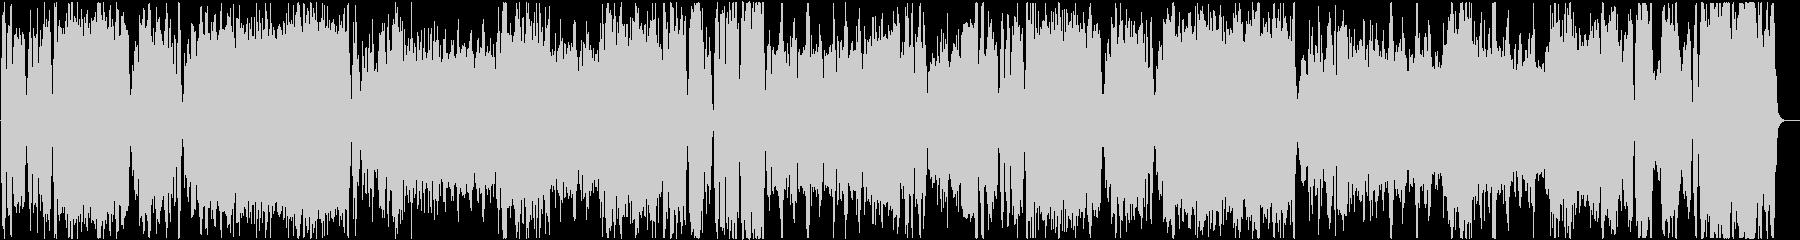 クラシックの定番モーツァルトのアイネク。の未再生の波形